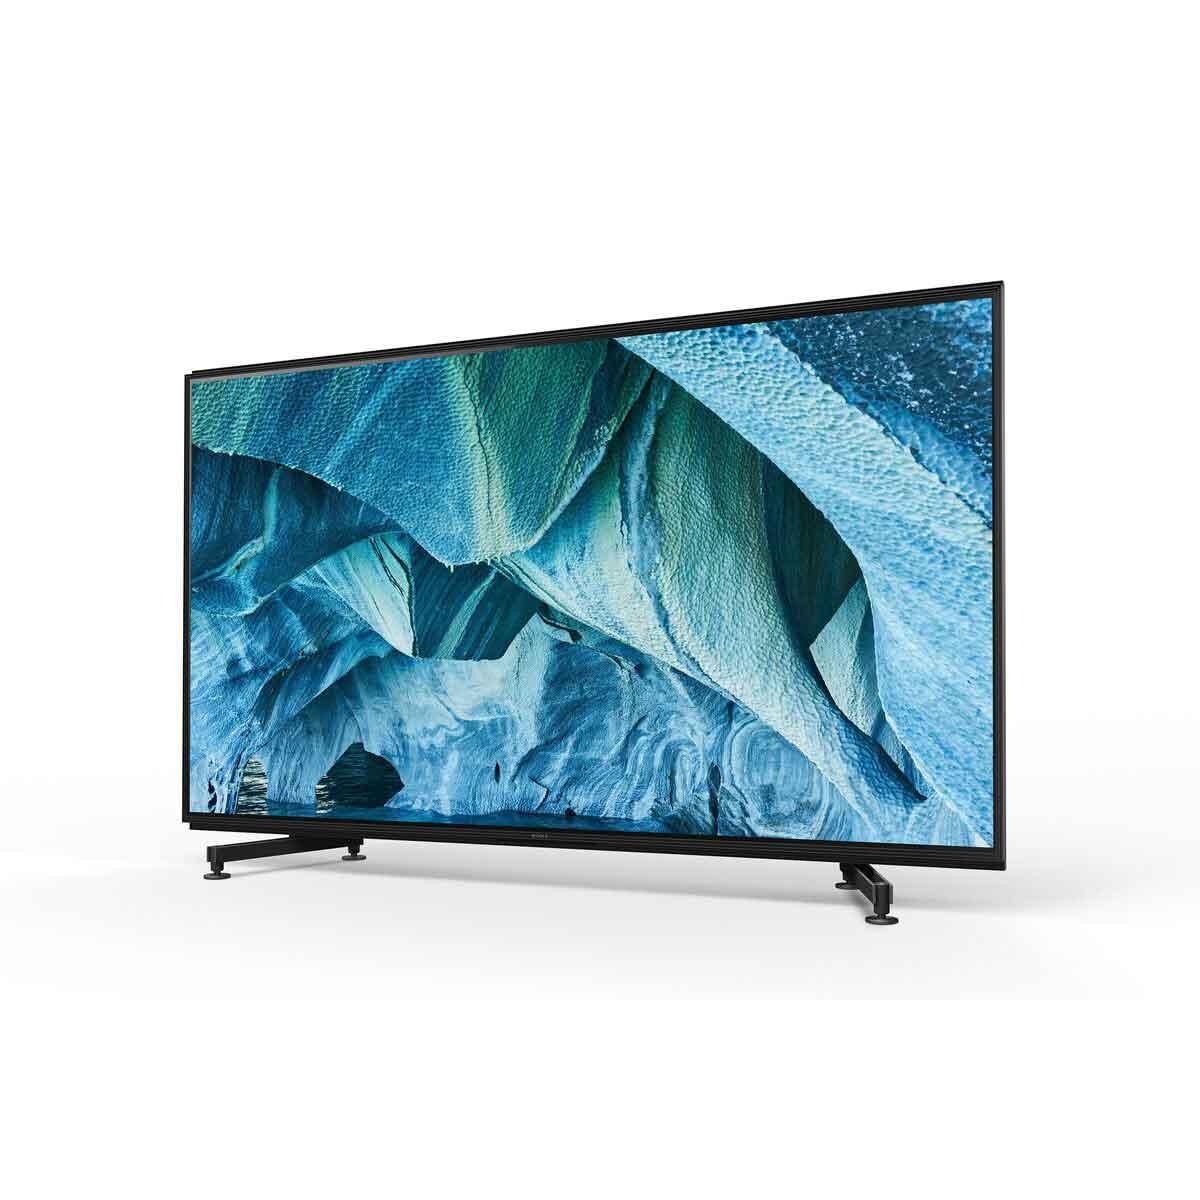 【今週発売の注目製品】約200万円の8Kチューナー内蔵85V型液晶テレビ「BRAVIA Z9H」が登場